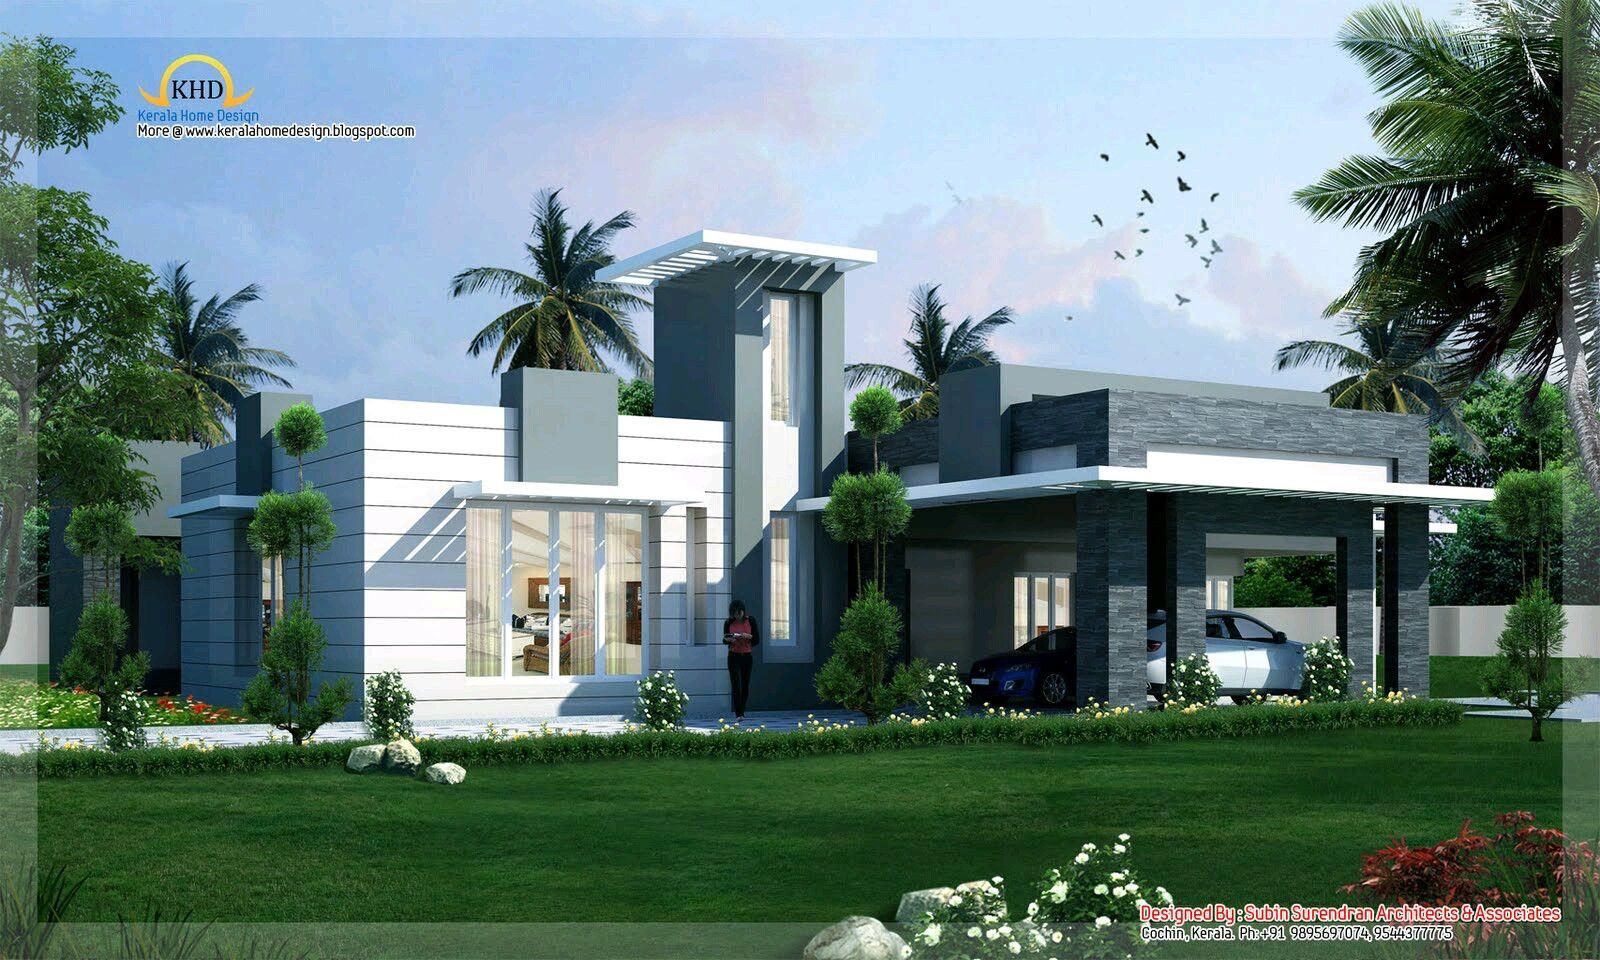 Home Design Pläne, Neue Wohndesigns, Hauspläne Mit Fotos, Moderne  Zeitgenössische Häuser, Schöne Zuhause, Neues Zuhause, Haus Interieurs,  Wohnträume